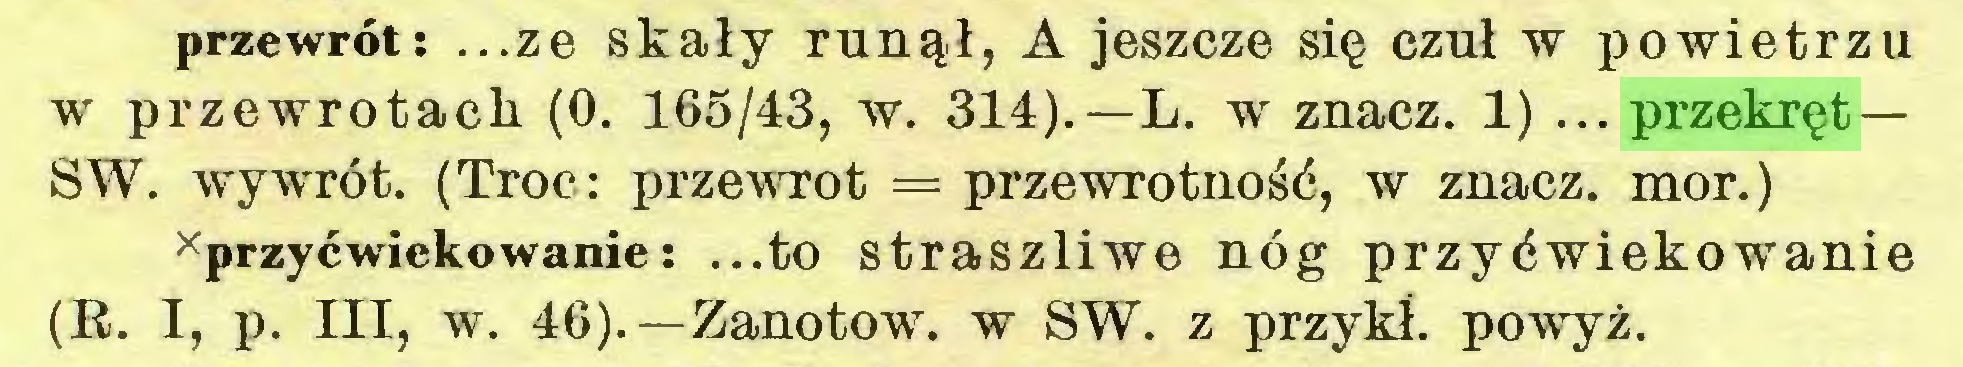 (...) przewrót: ...ze skały runął, A jeszcze się czuł w powietrzu w przewrotach (0. 165/43, w. 314).—L. w znacz. 1) ... przekręt — SW. wywrót. (Troć: przewrót = przewrotność, w znacz, mor.) xprzyćwiekowanie: ...to straszliwe nóg przyćwiekowanie (R. I, p. III, w. 46).—Zanotow. w SW. z przykł. powyż...